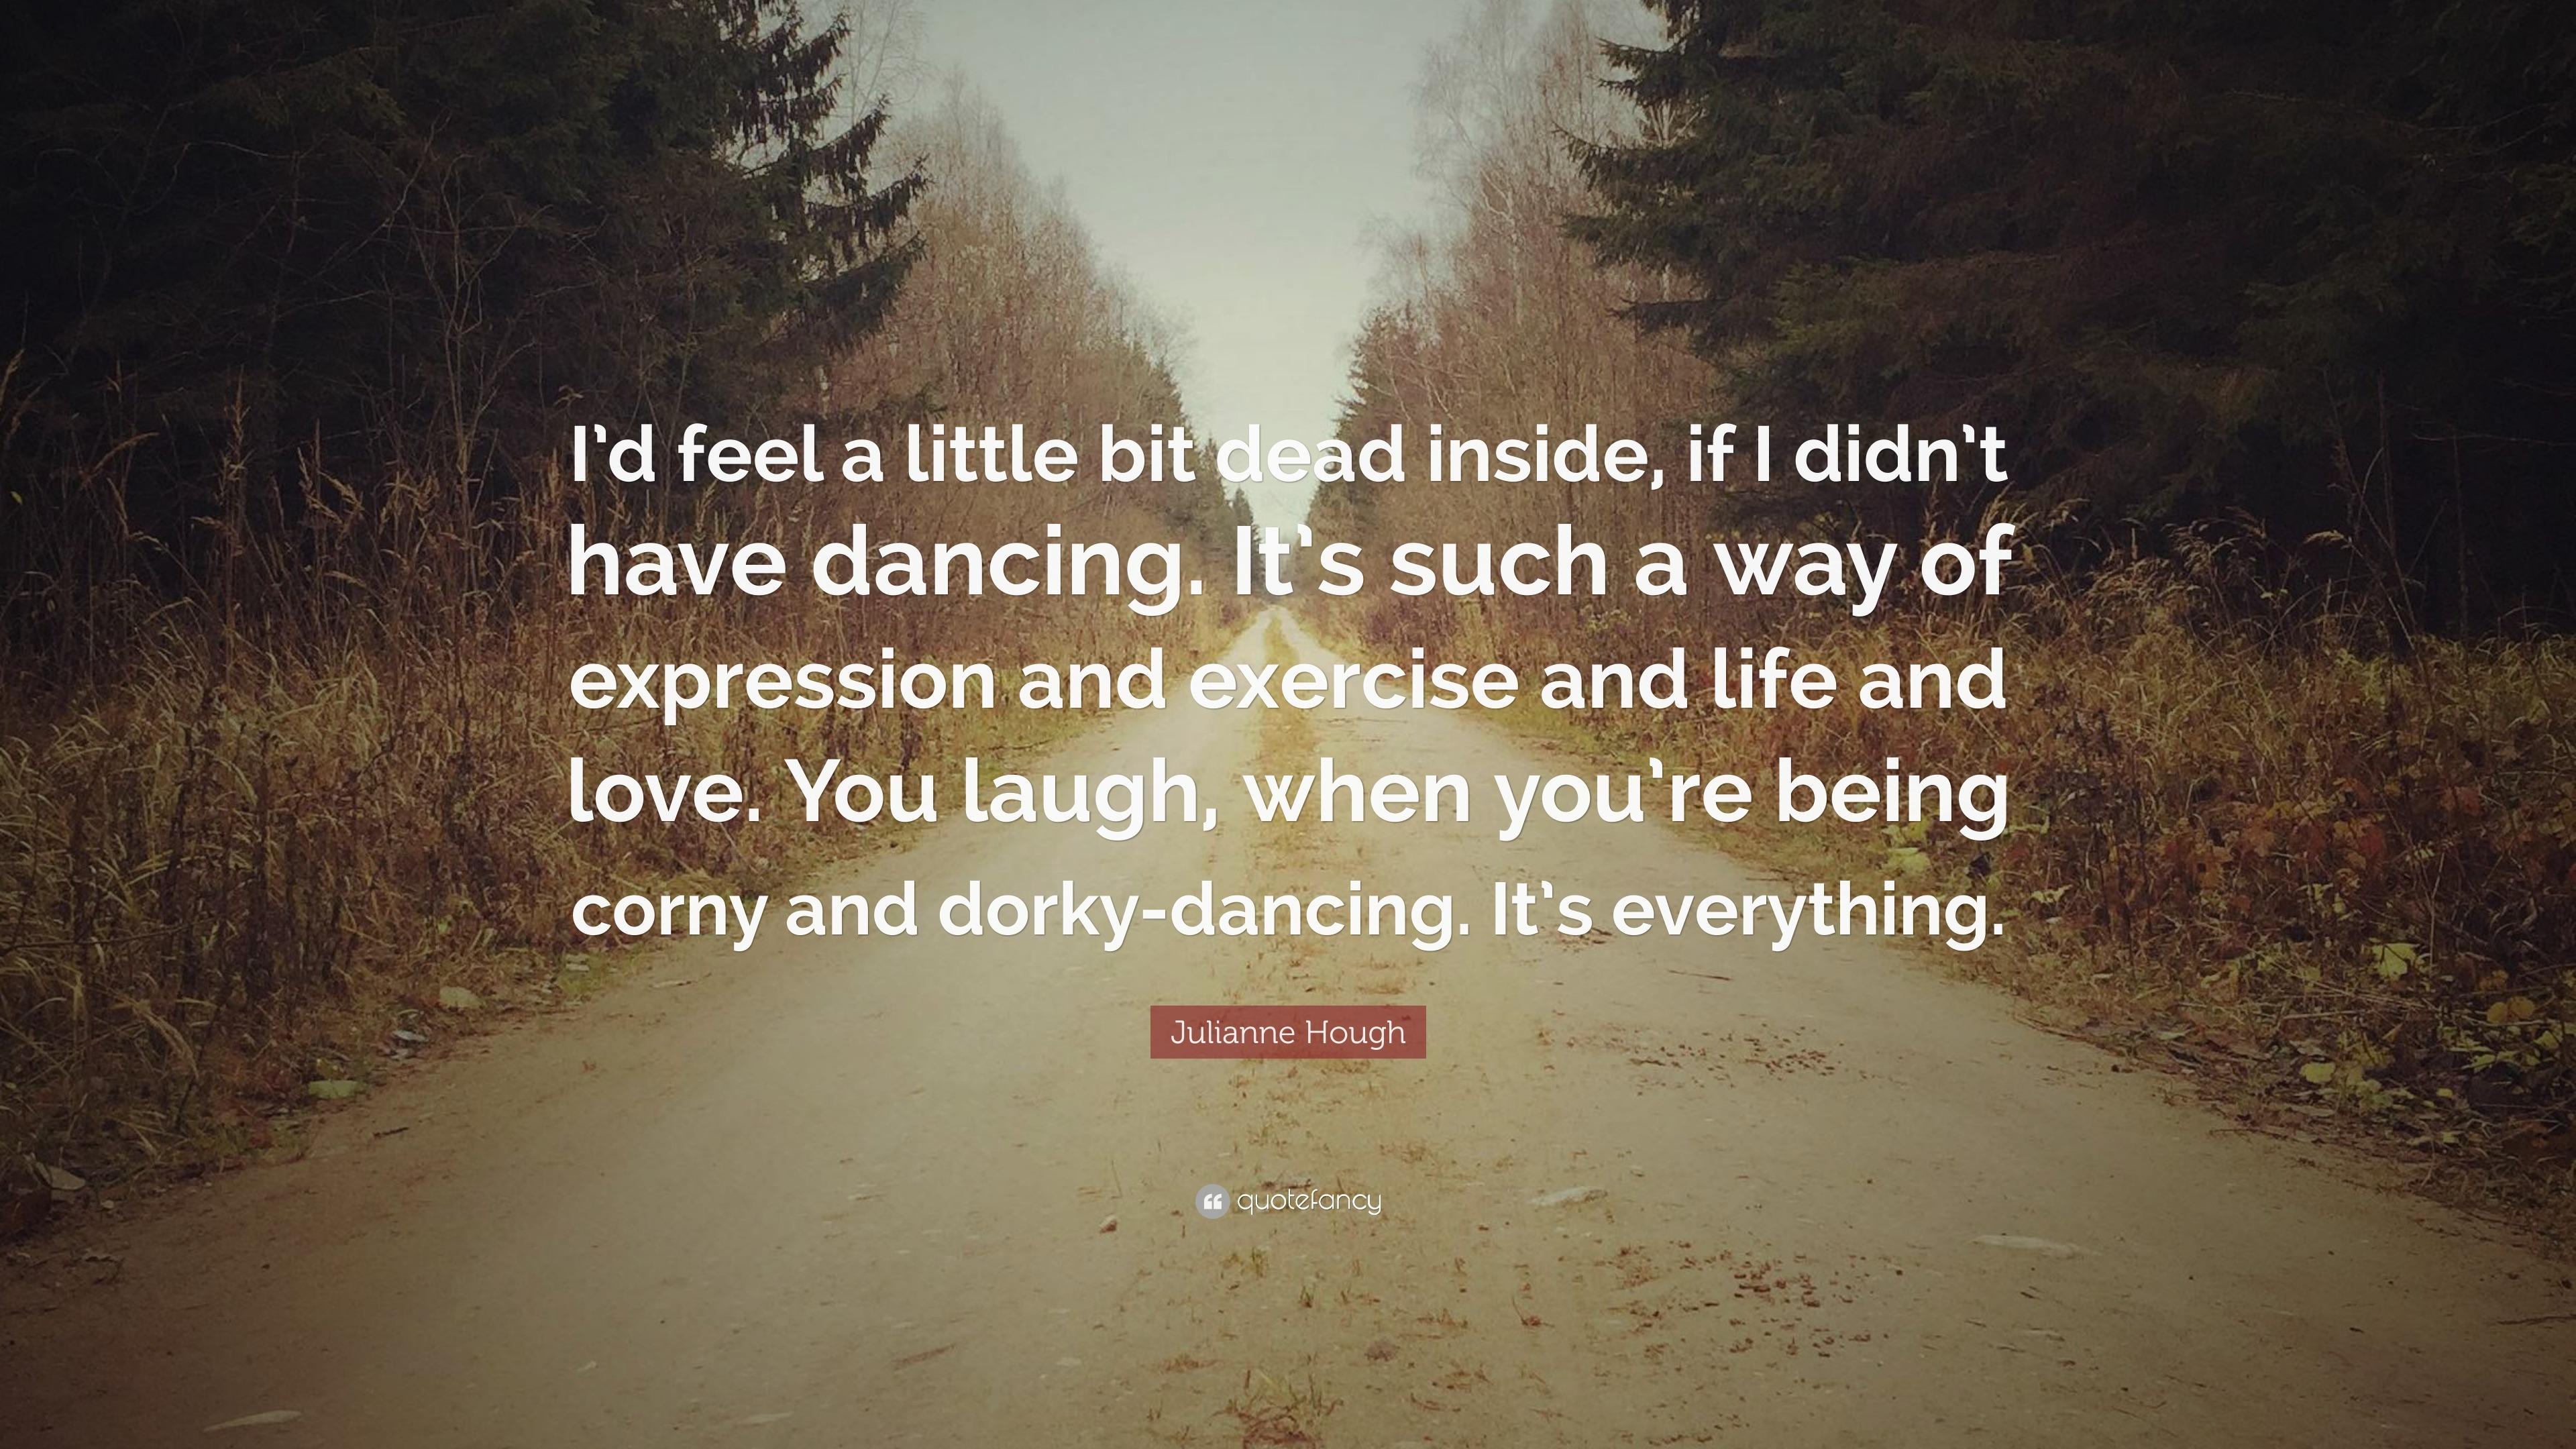 julianne hough quote   u201ci u2019d feel a little bit dead inside  if i didn u2019t have dancing  it u2019s such a